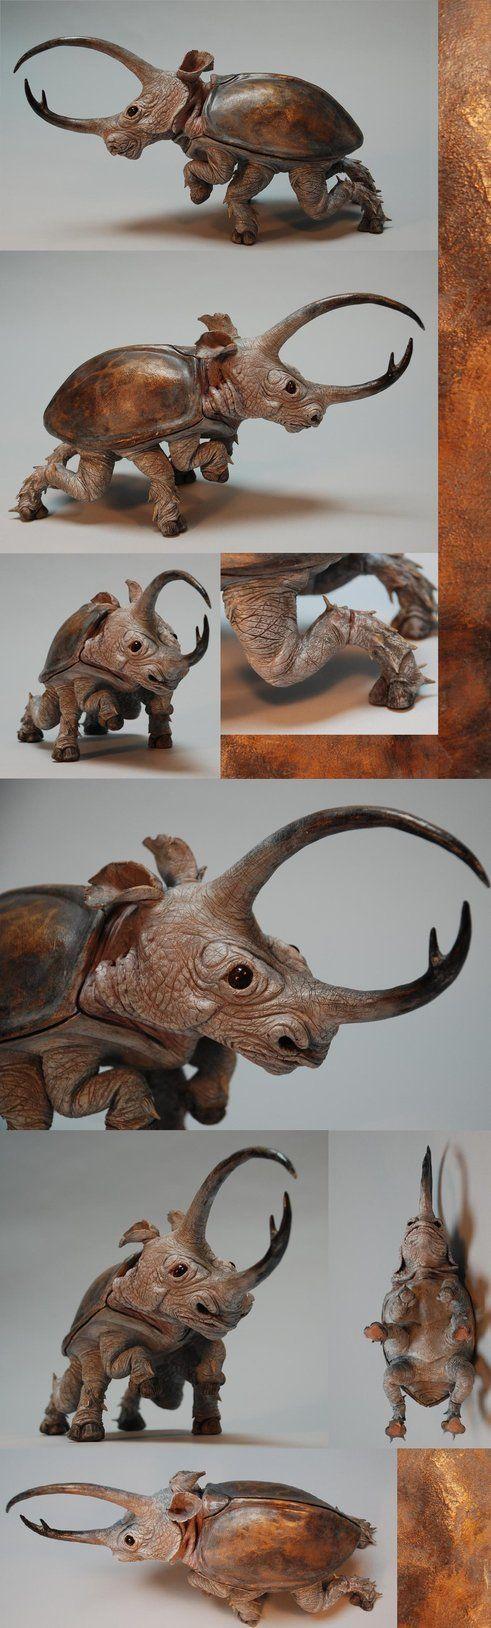 Rhinoceros Beetle - Finished by ~Malicious-Monkey on deviantART